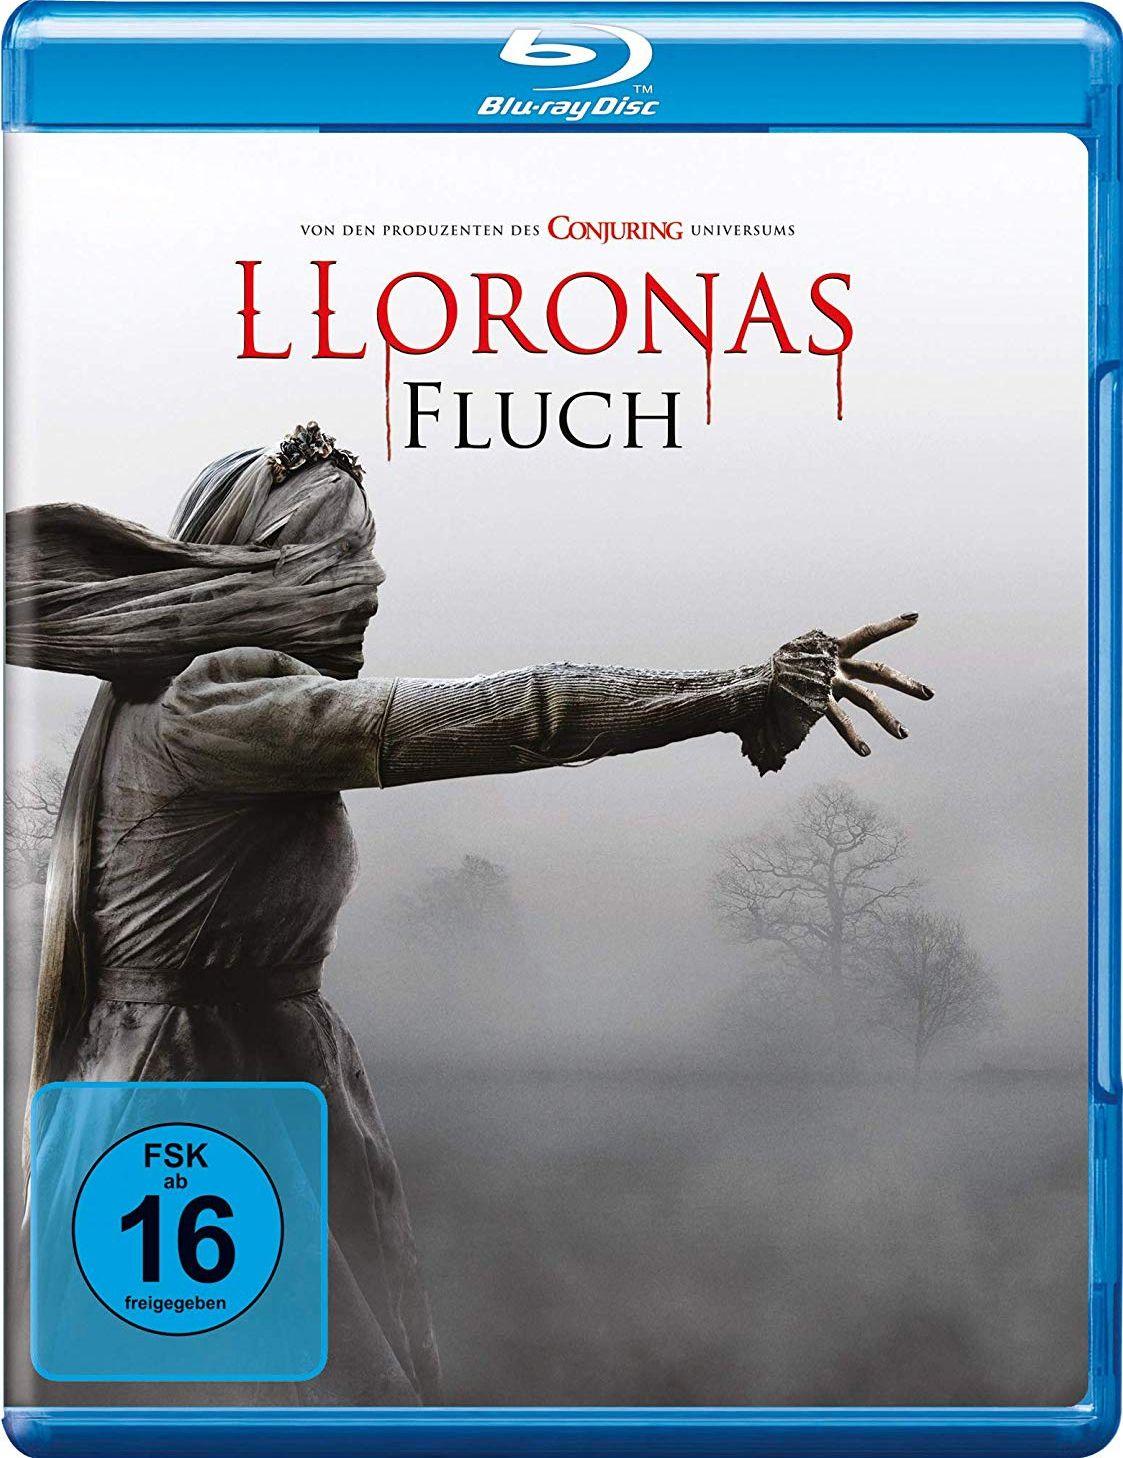 Lloronas Fluch (BLURAY)